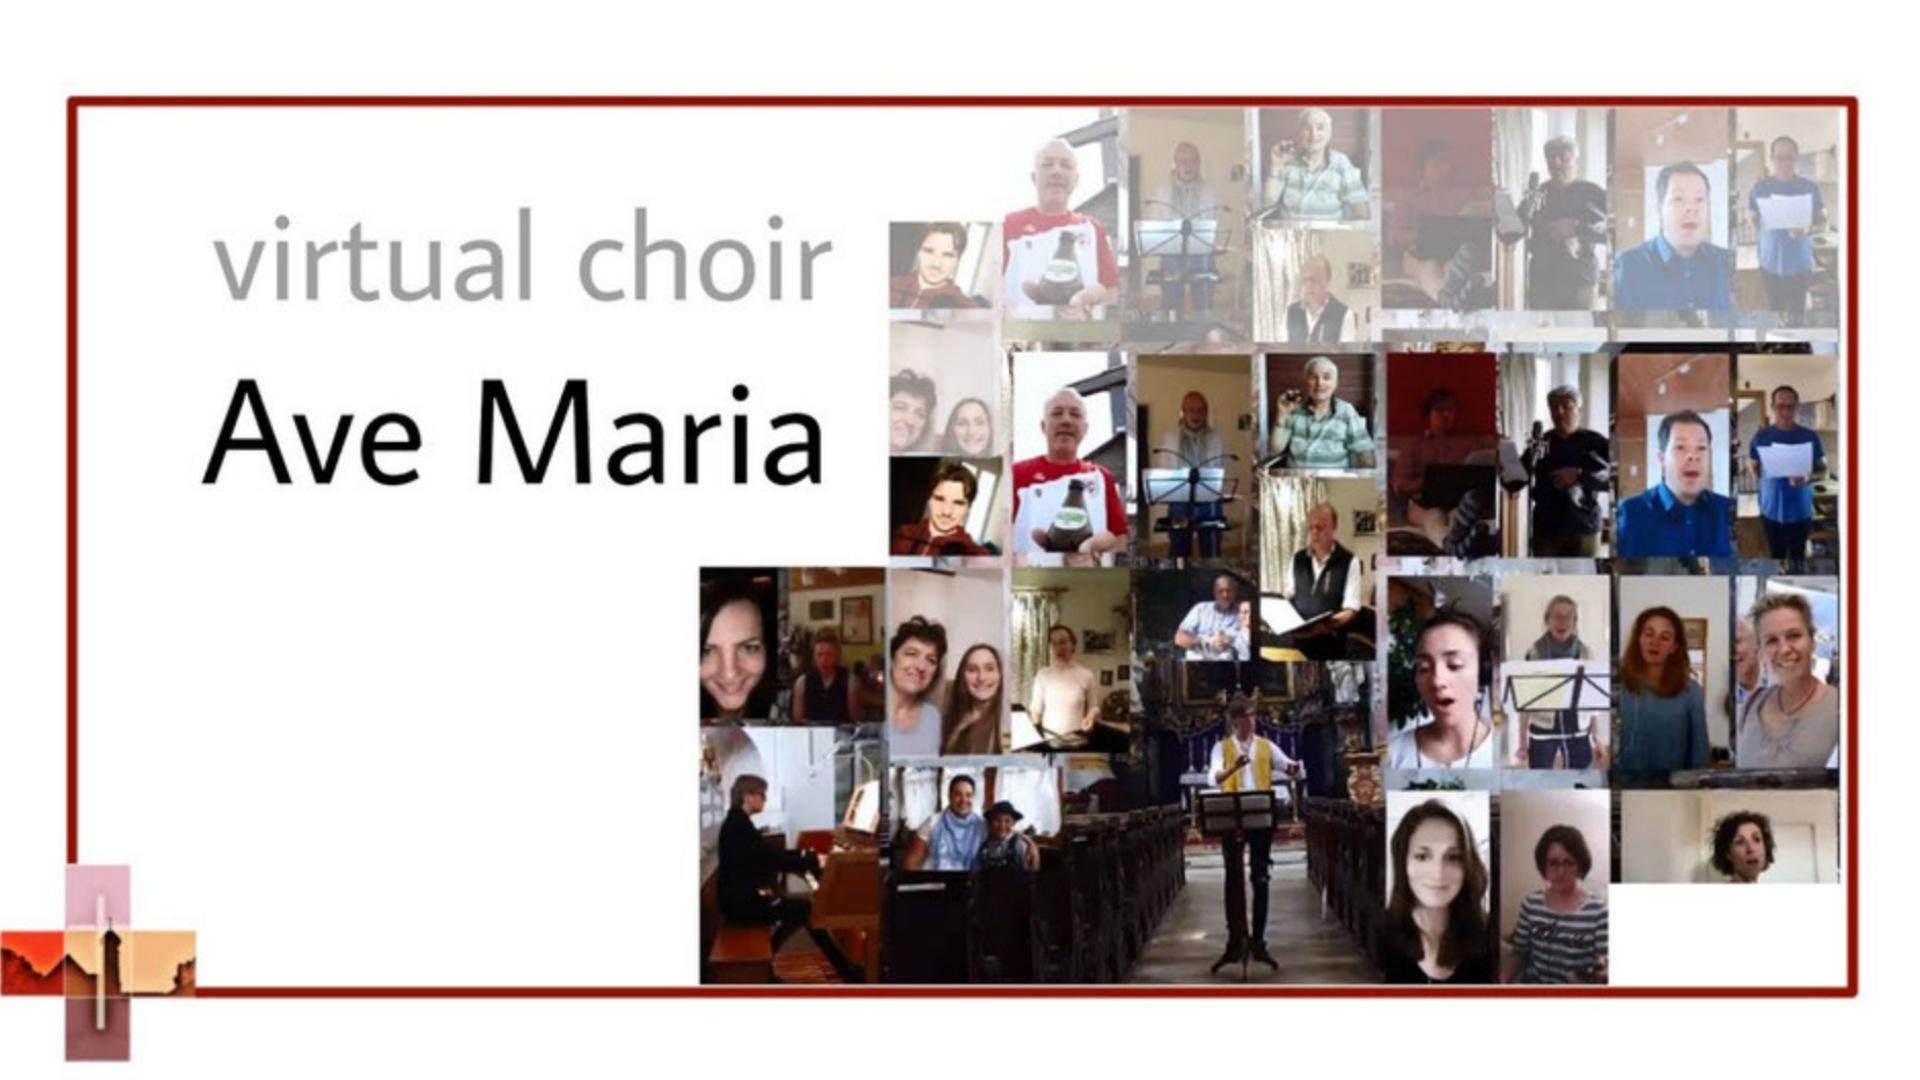 Coronagruß des Kirchenchores